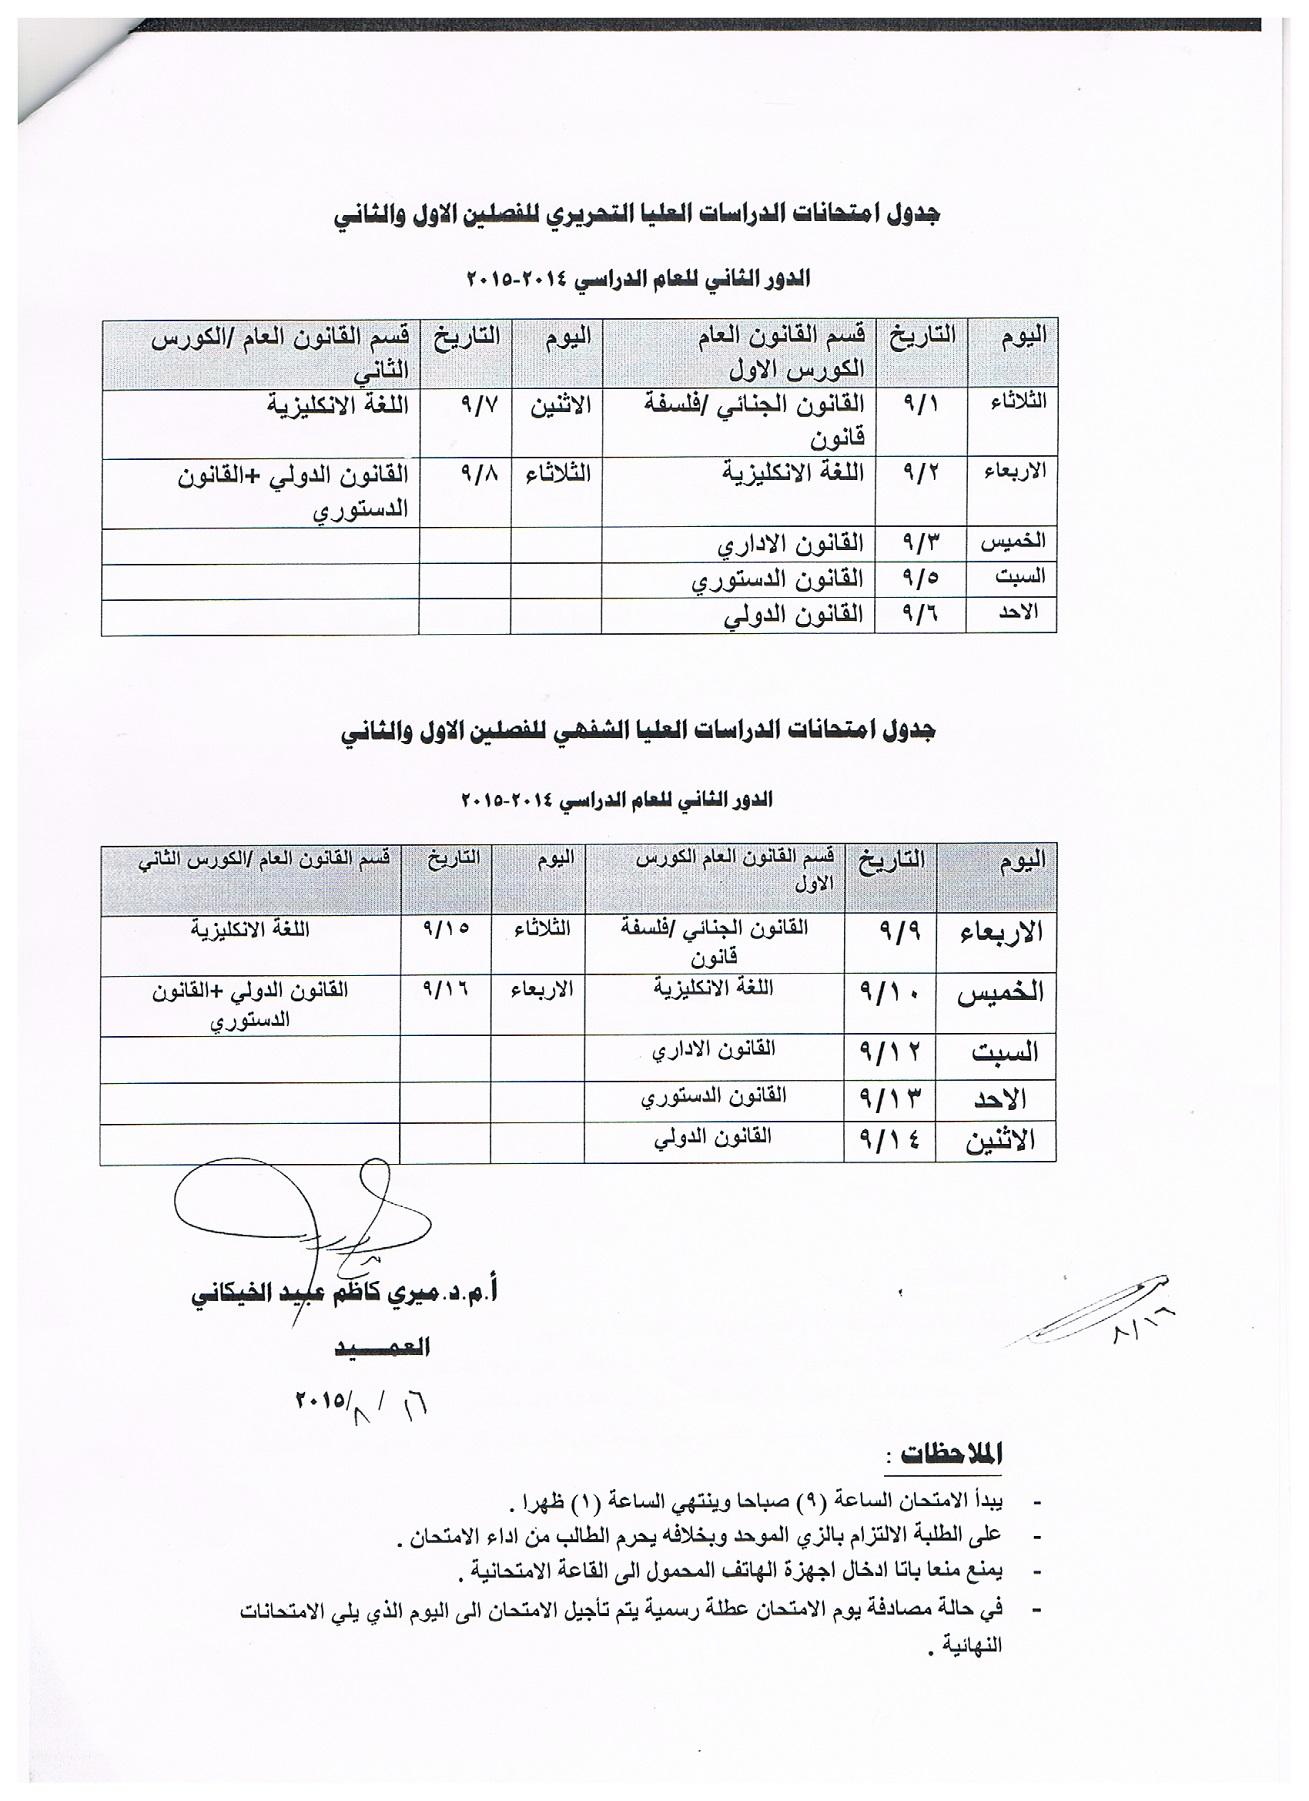 جدول امتحانات الدراسات العليا التحريري والشفهي للفصلين الاول والثاني ( قسم القانون العام ، قسم القانون الخاص ) للعام الدراسي 2014 – 2015